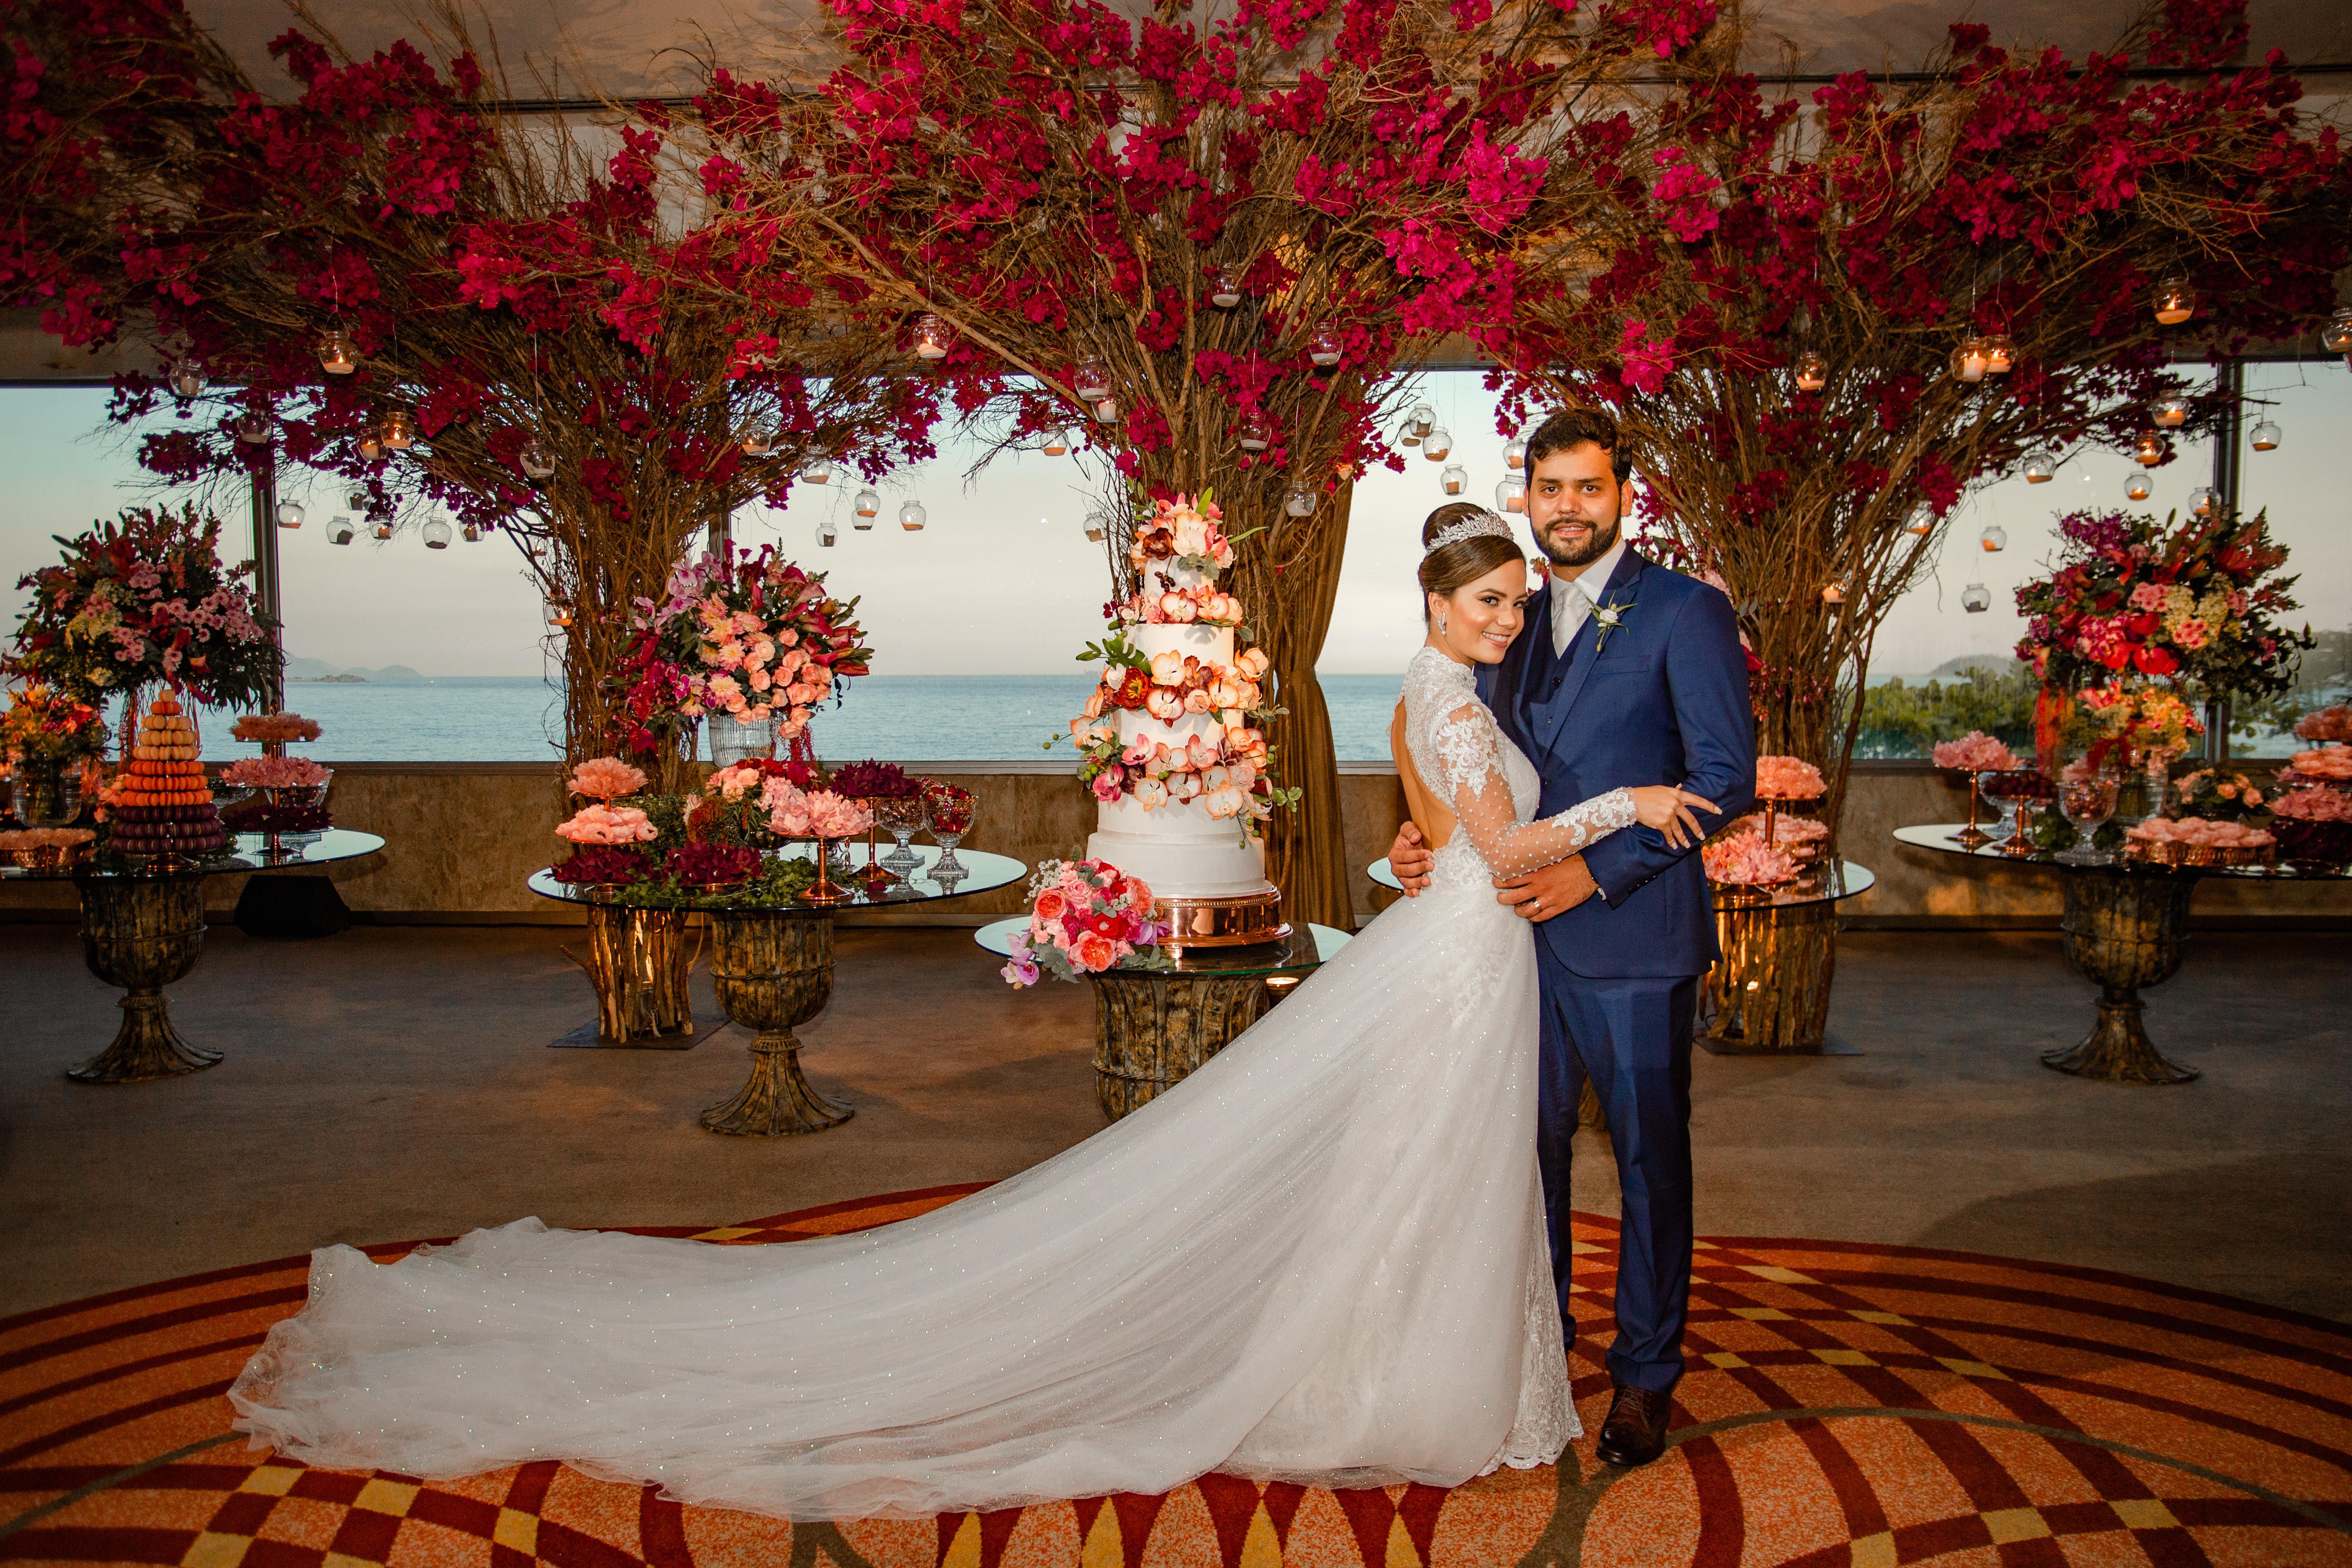 Casamento florido: Victória & Fernando